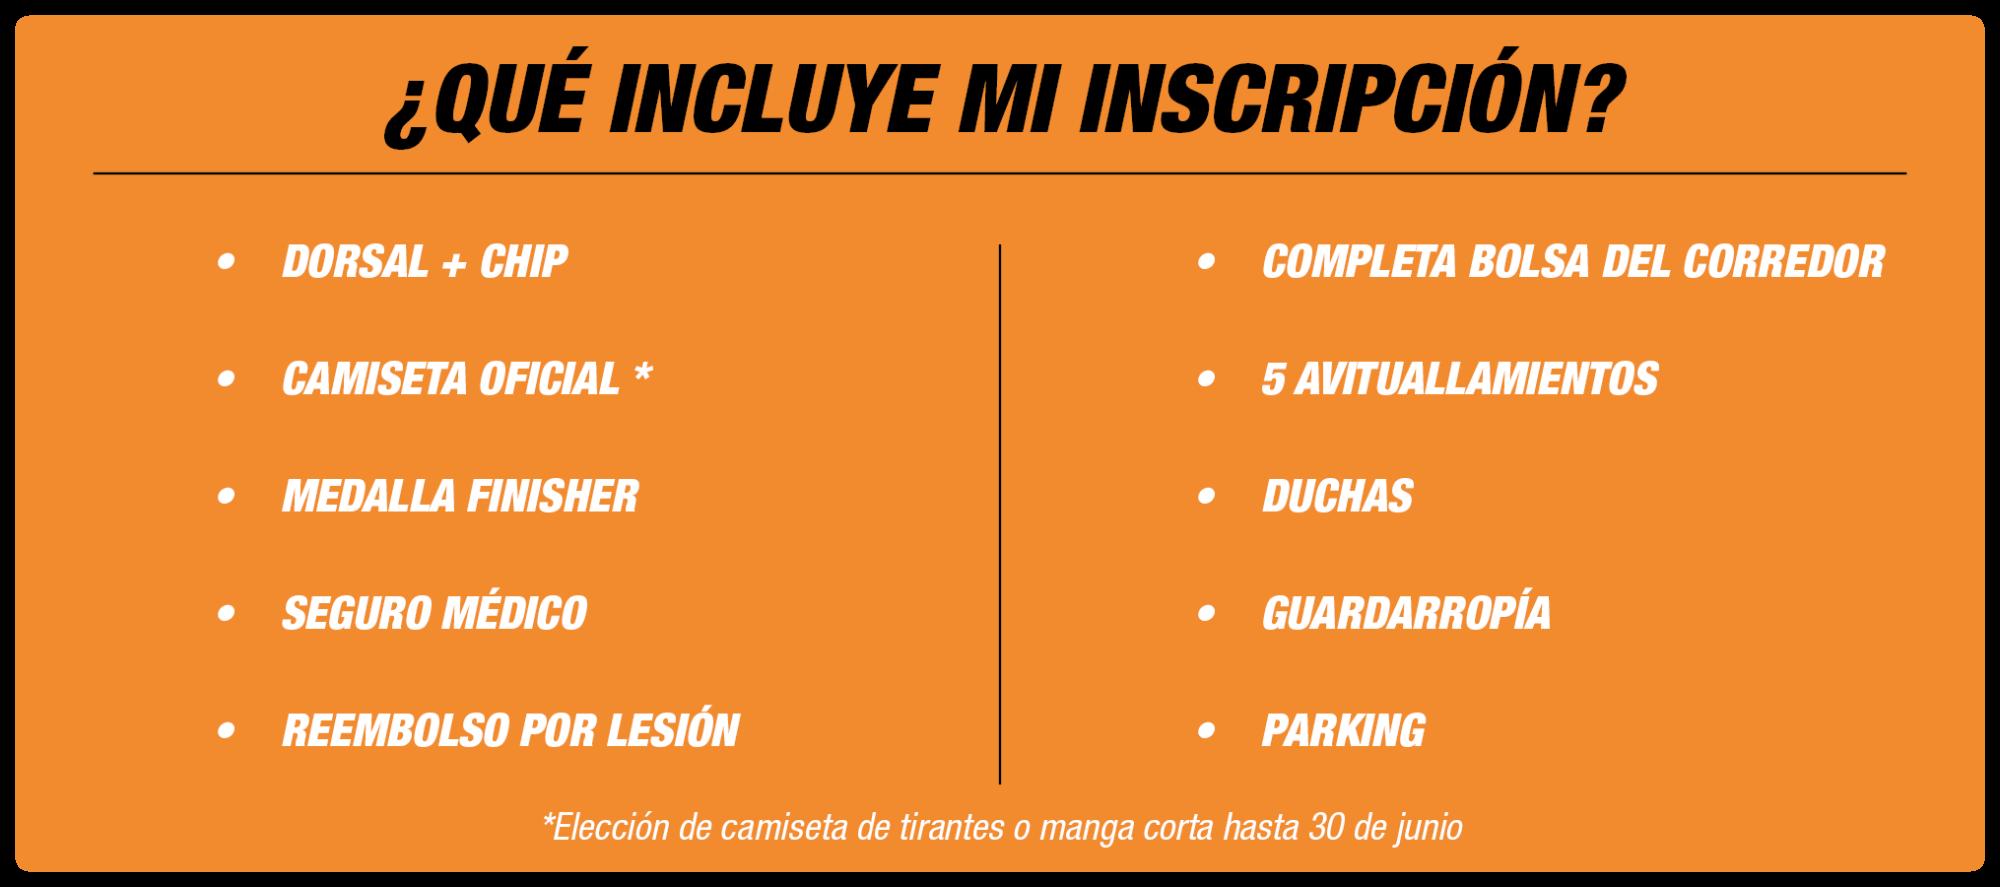 Qué incluye Inscripción Medio Maratón Valencia 2020